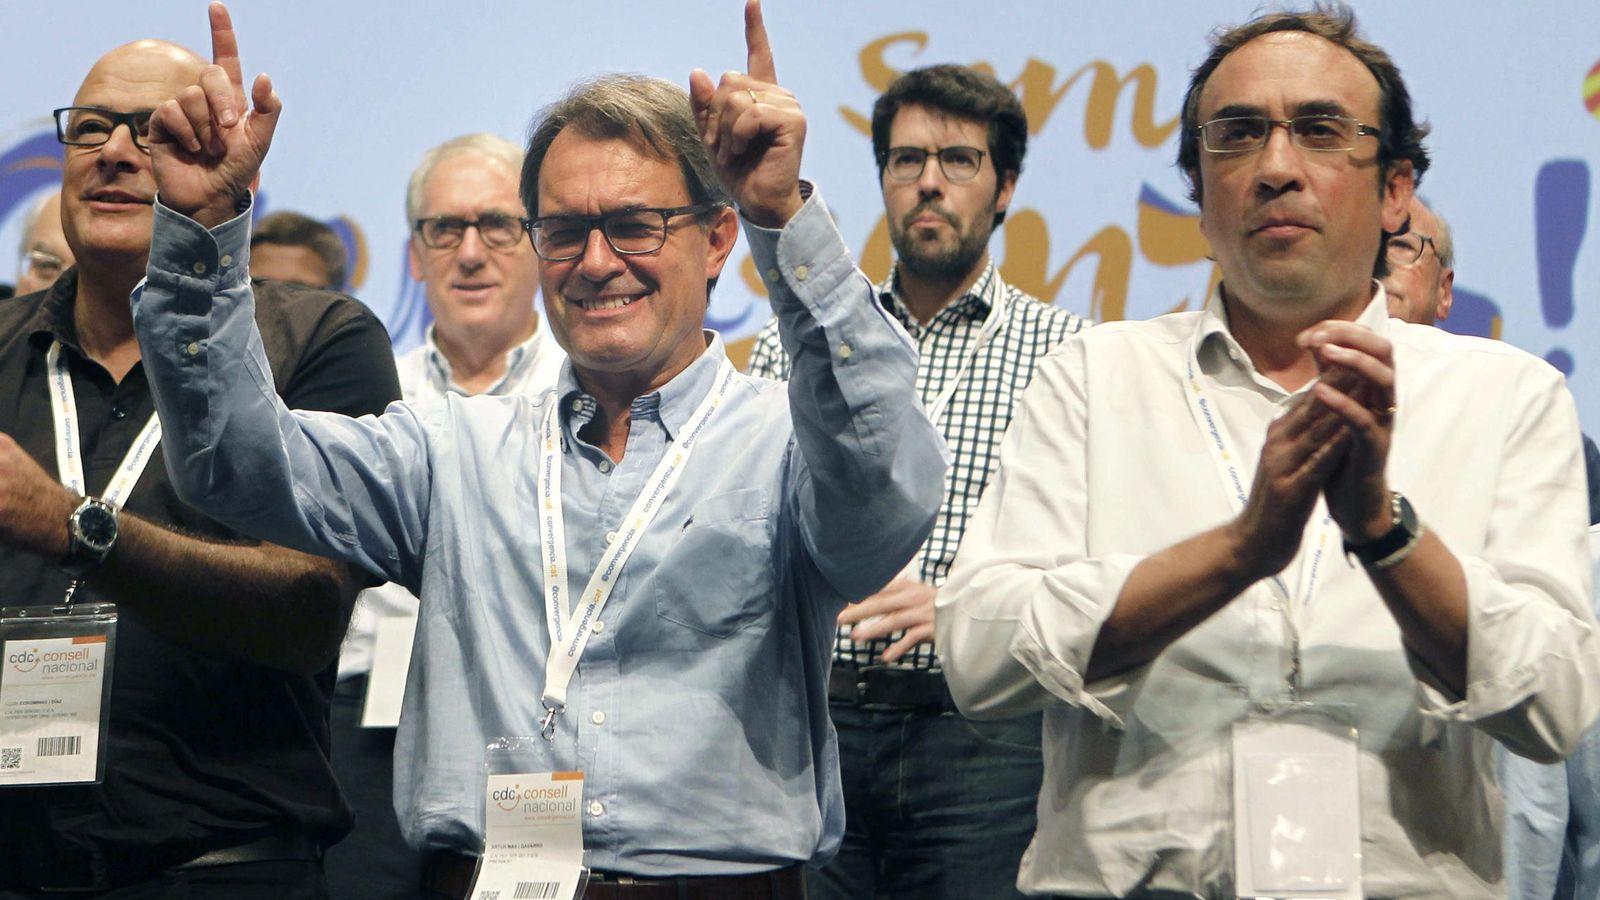 Foto: El coordinador general Josep Rull y diputdo de Junts Pel Sí junto al presidente en funciones Artur Mas. (Efe)